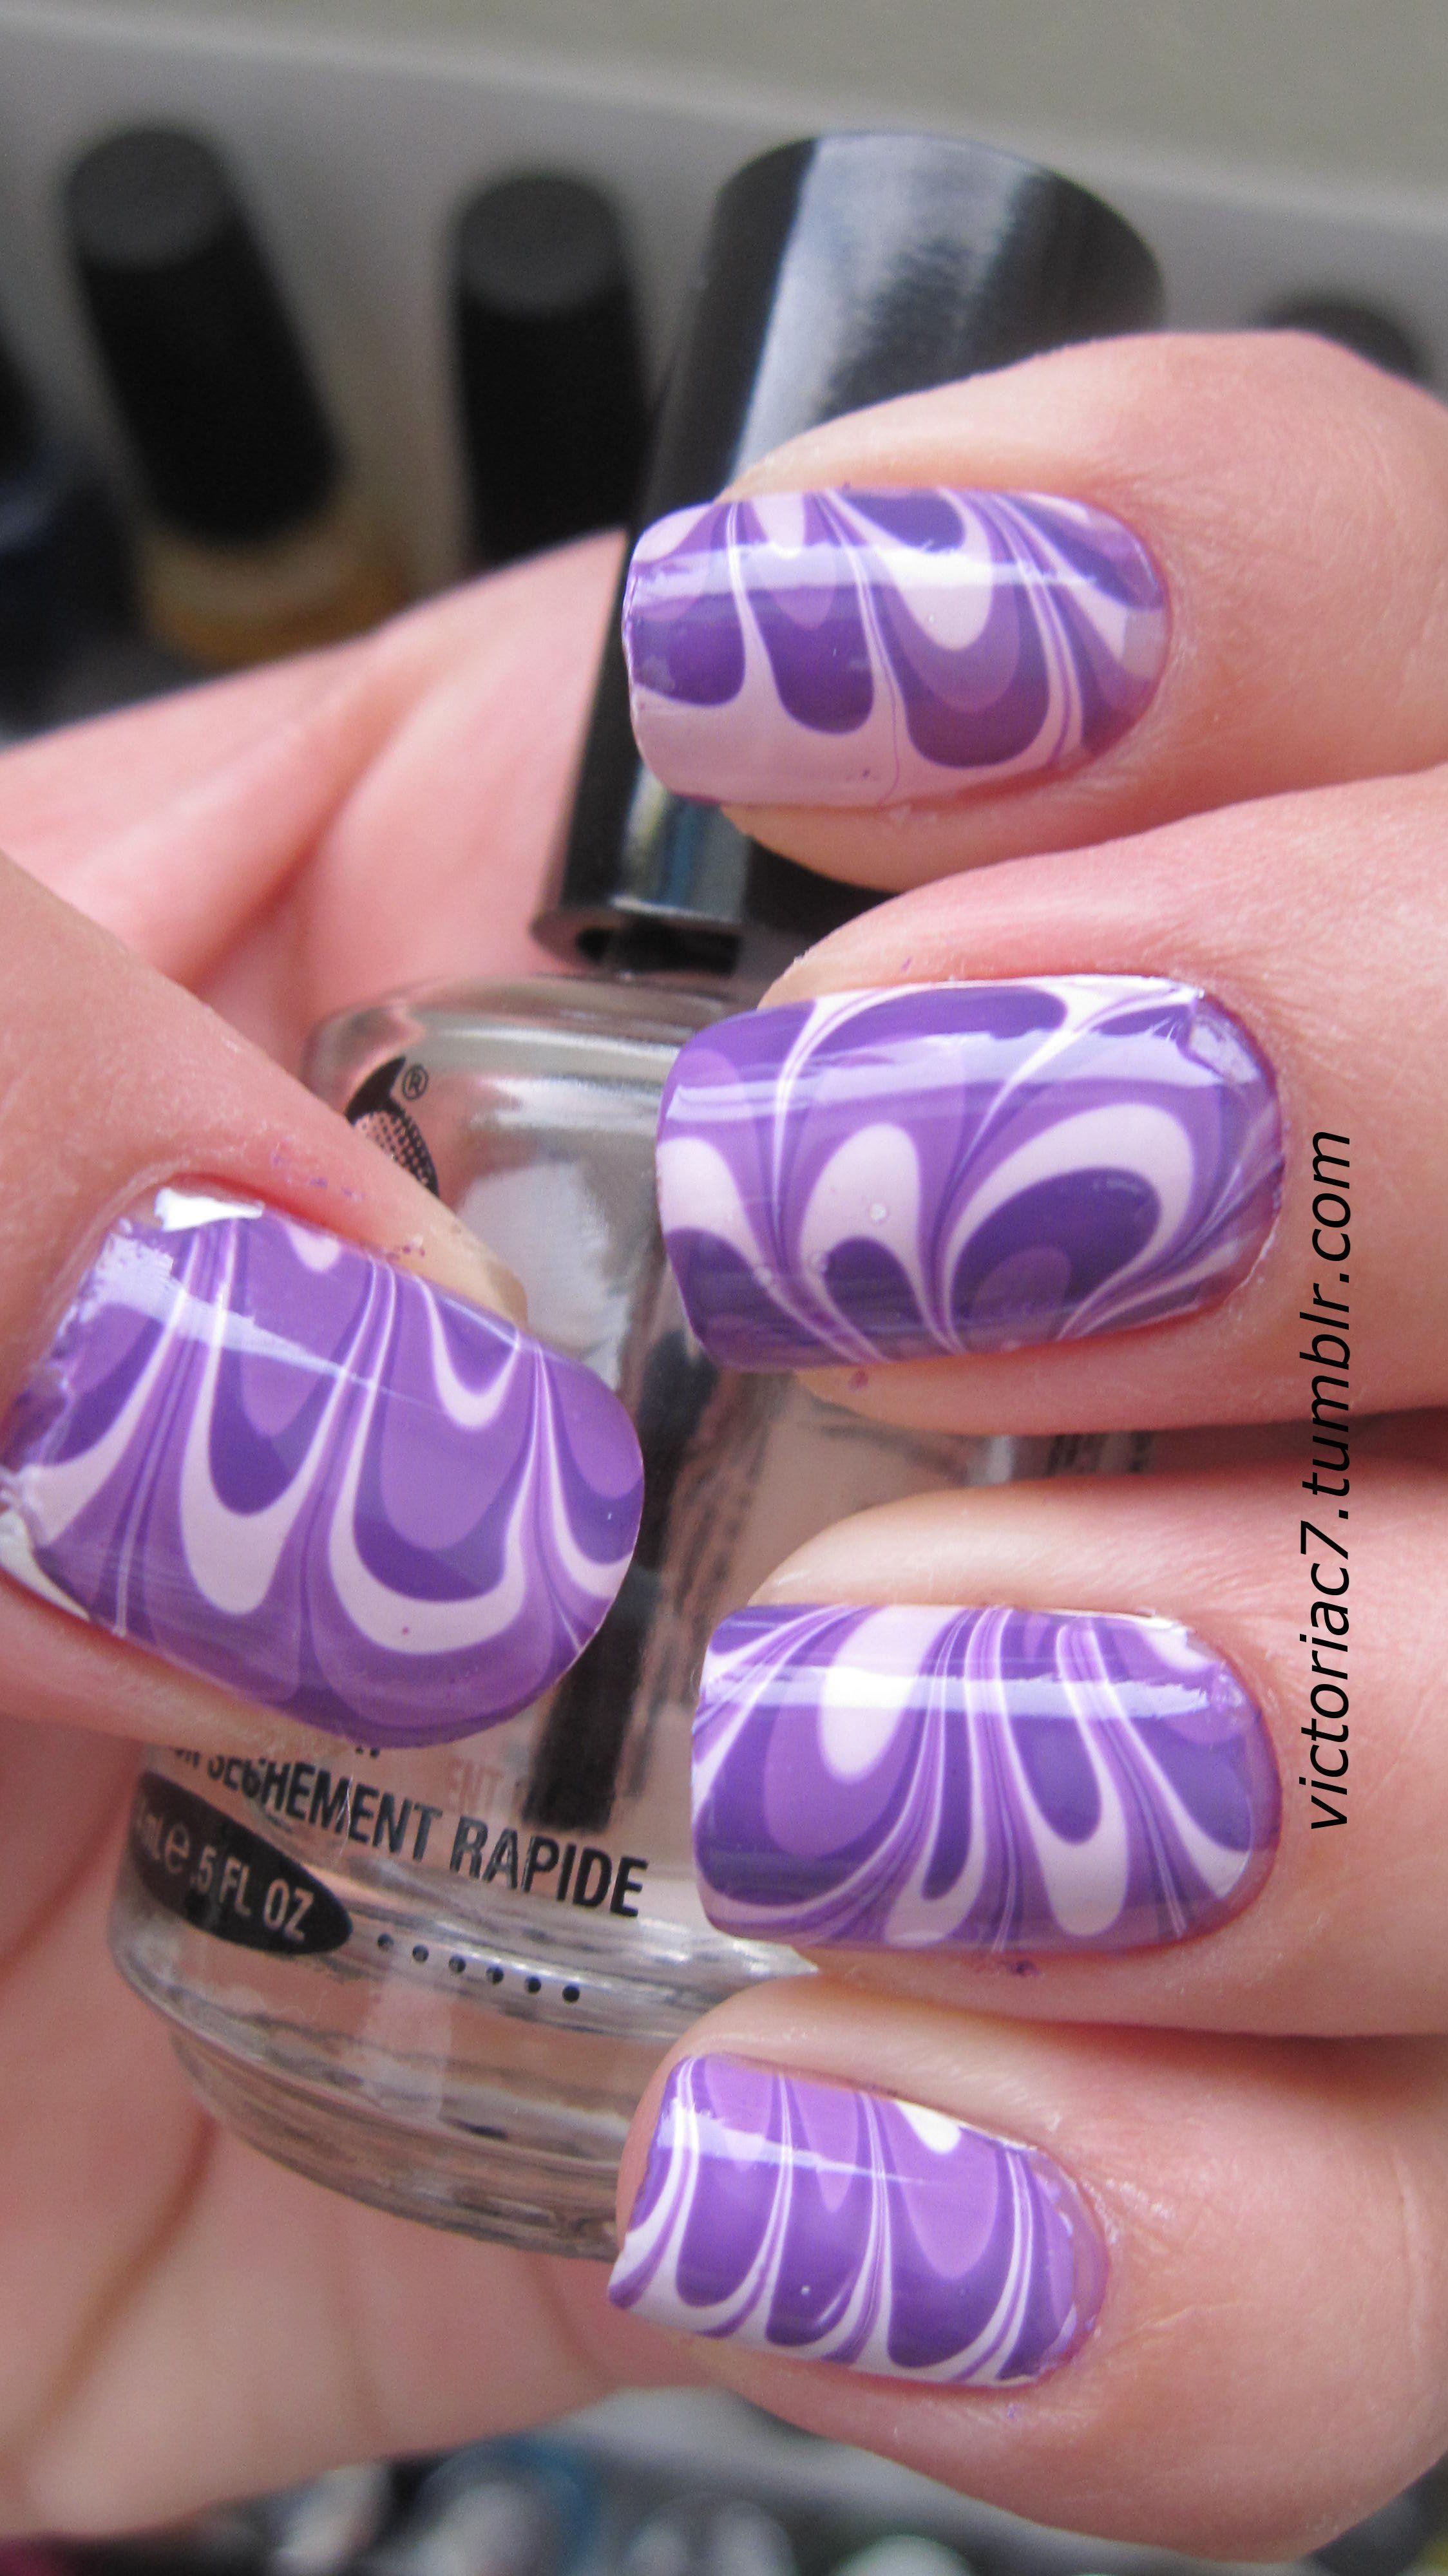 water marble | My Nail Art | Pinterest | Marbles, Water and Nail nail